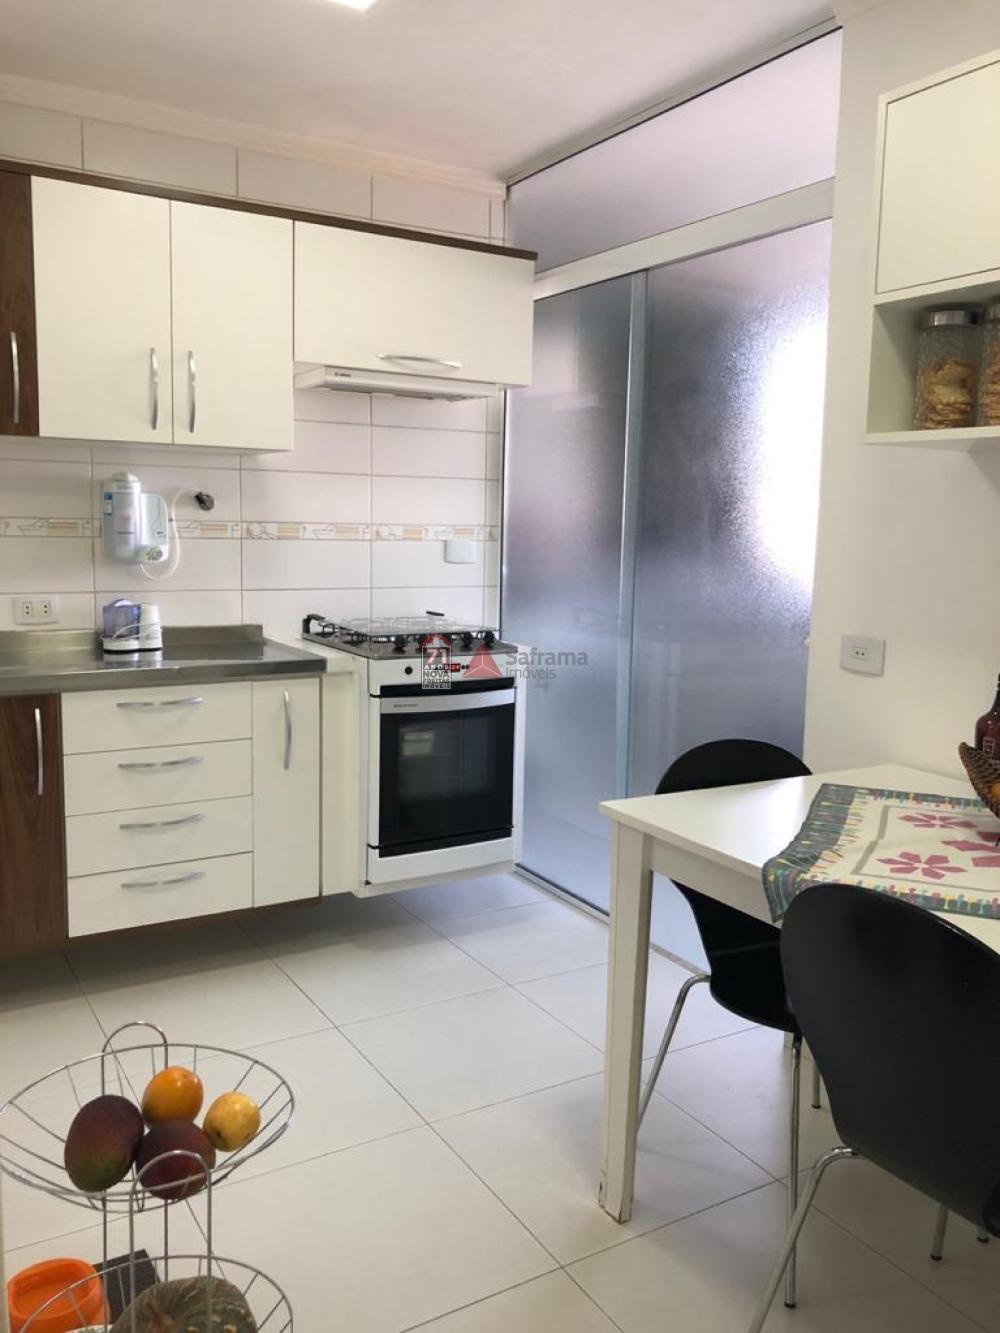 Comprar Apartamento / Padrão em São José dos Campos apenas R$ 560.000,00 - Foto 25